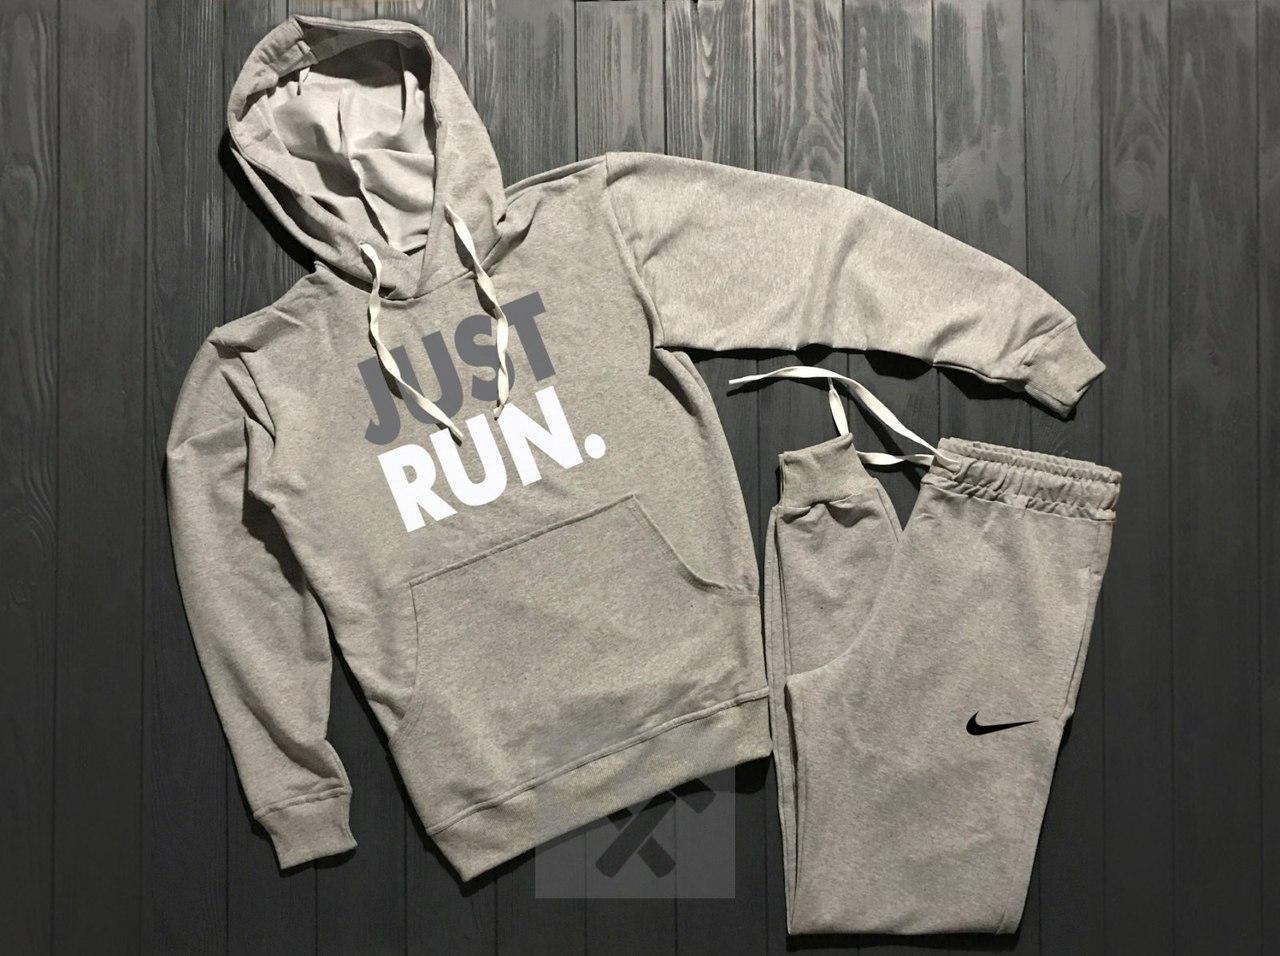 Весенний костюм спортивный Nike Just Run с капюшоном серый топ реплика